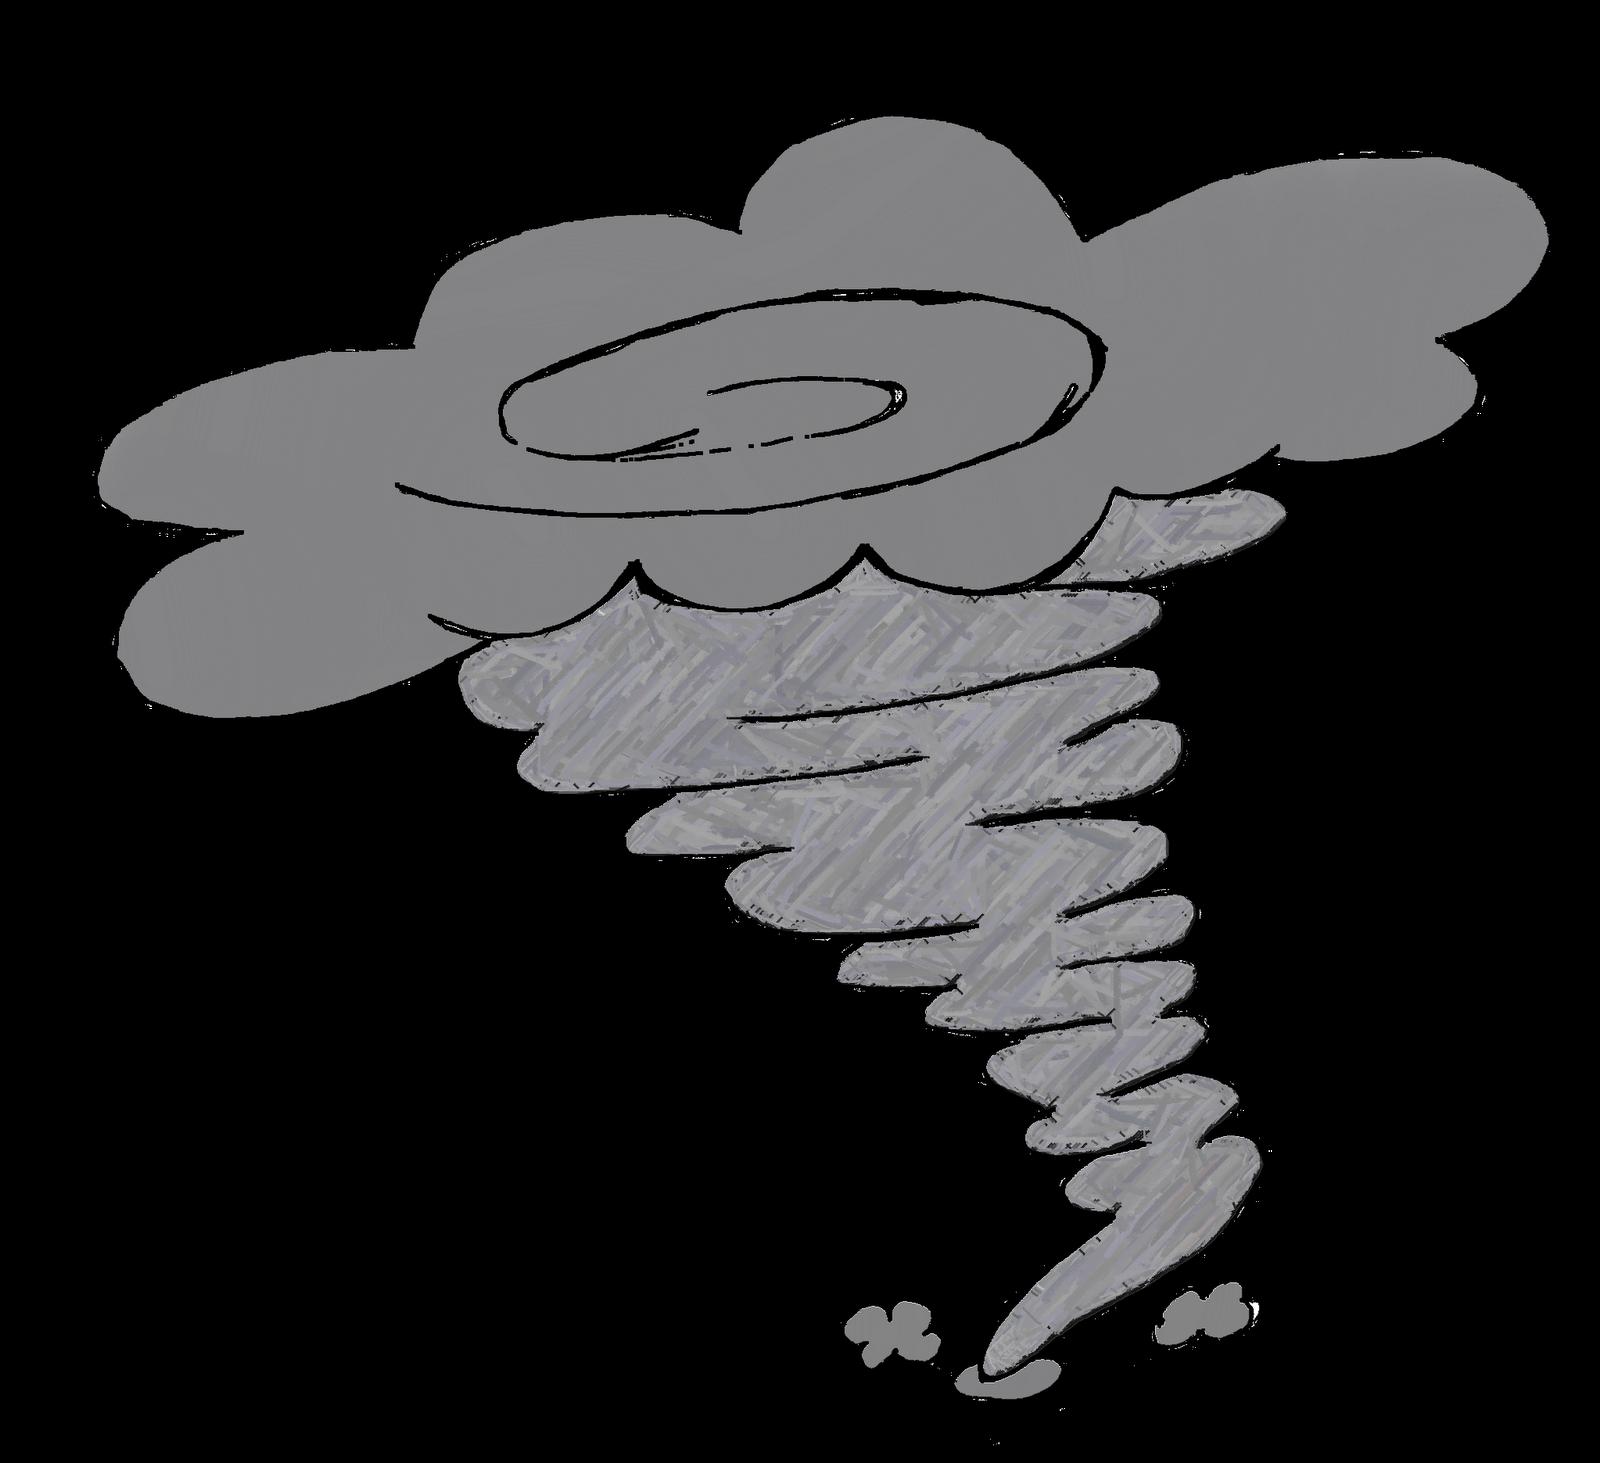 Tornado Animated Gif Files